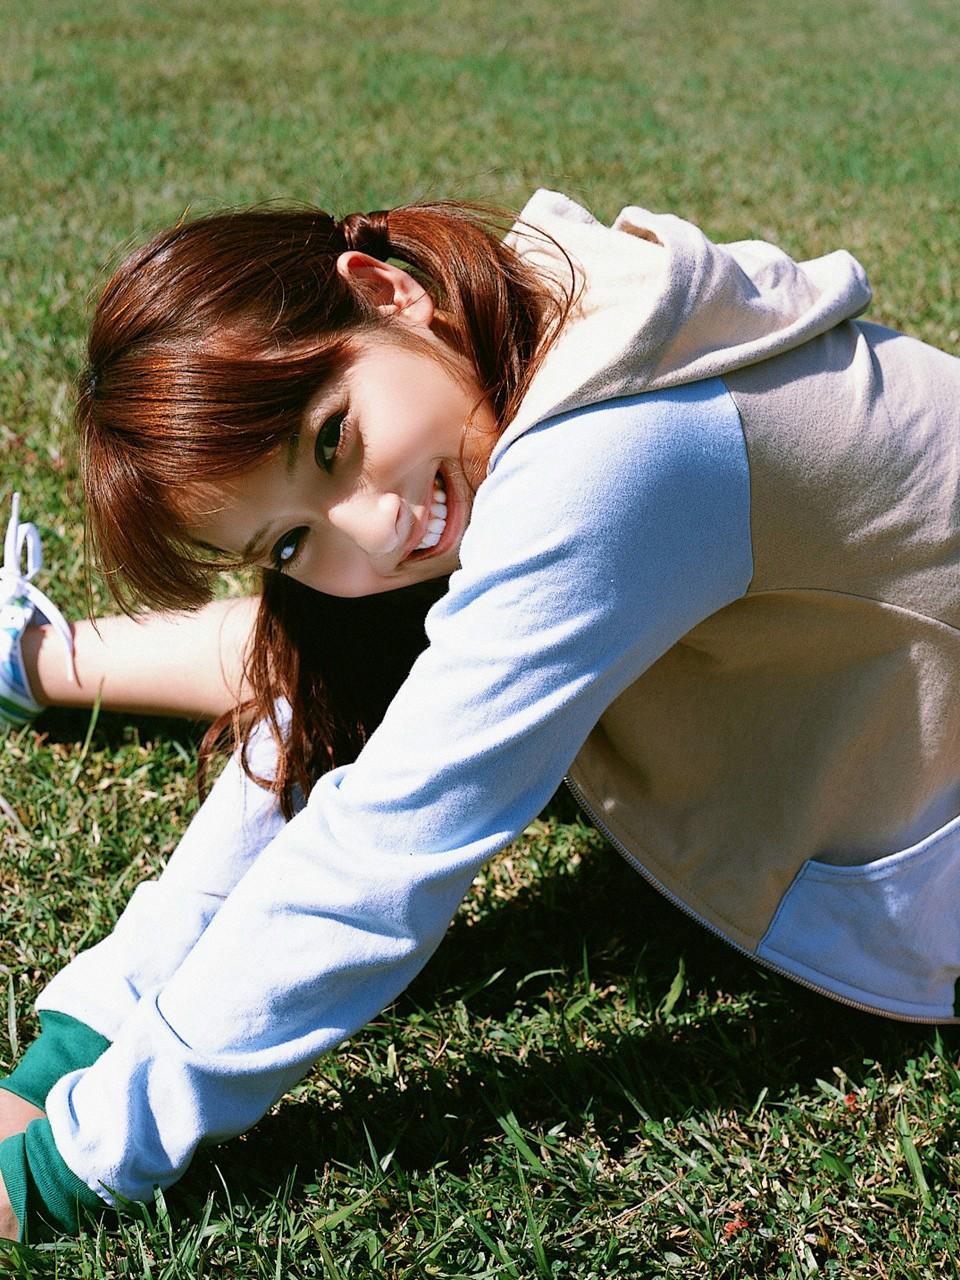 Частные фото казахских девочек 5 фотография